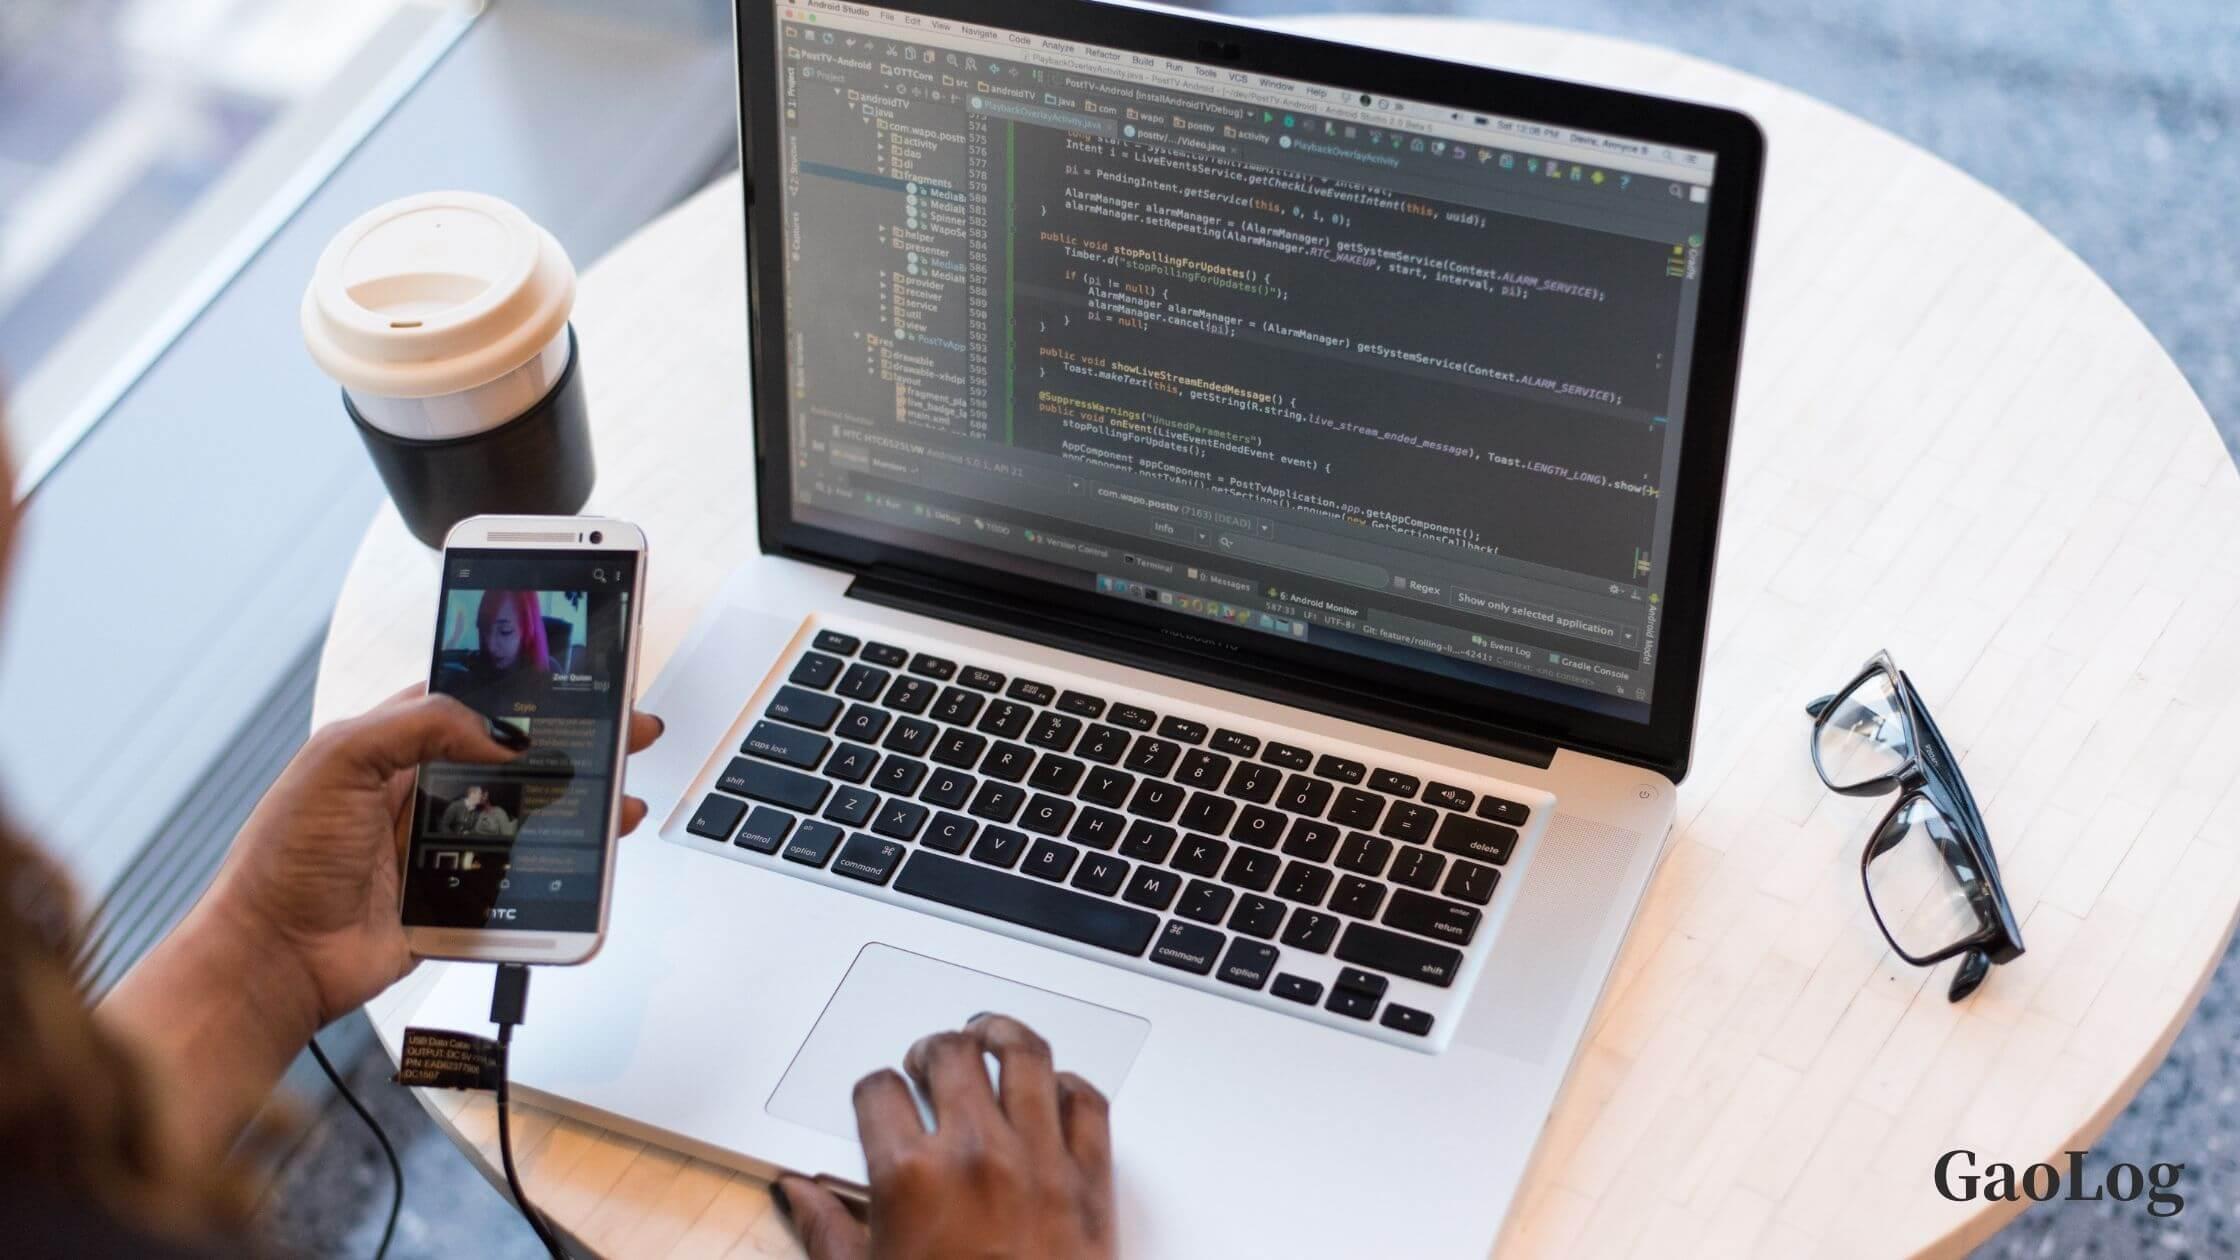 【通信環境】オンライン英会話で電波が悪い原因は?改善策と伝え方を解説